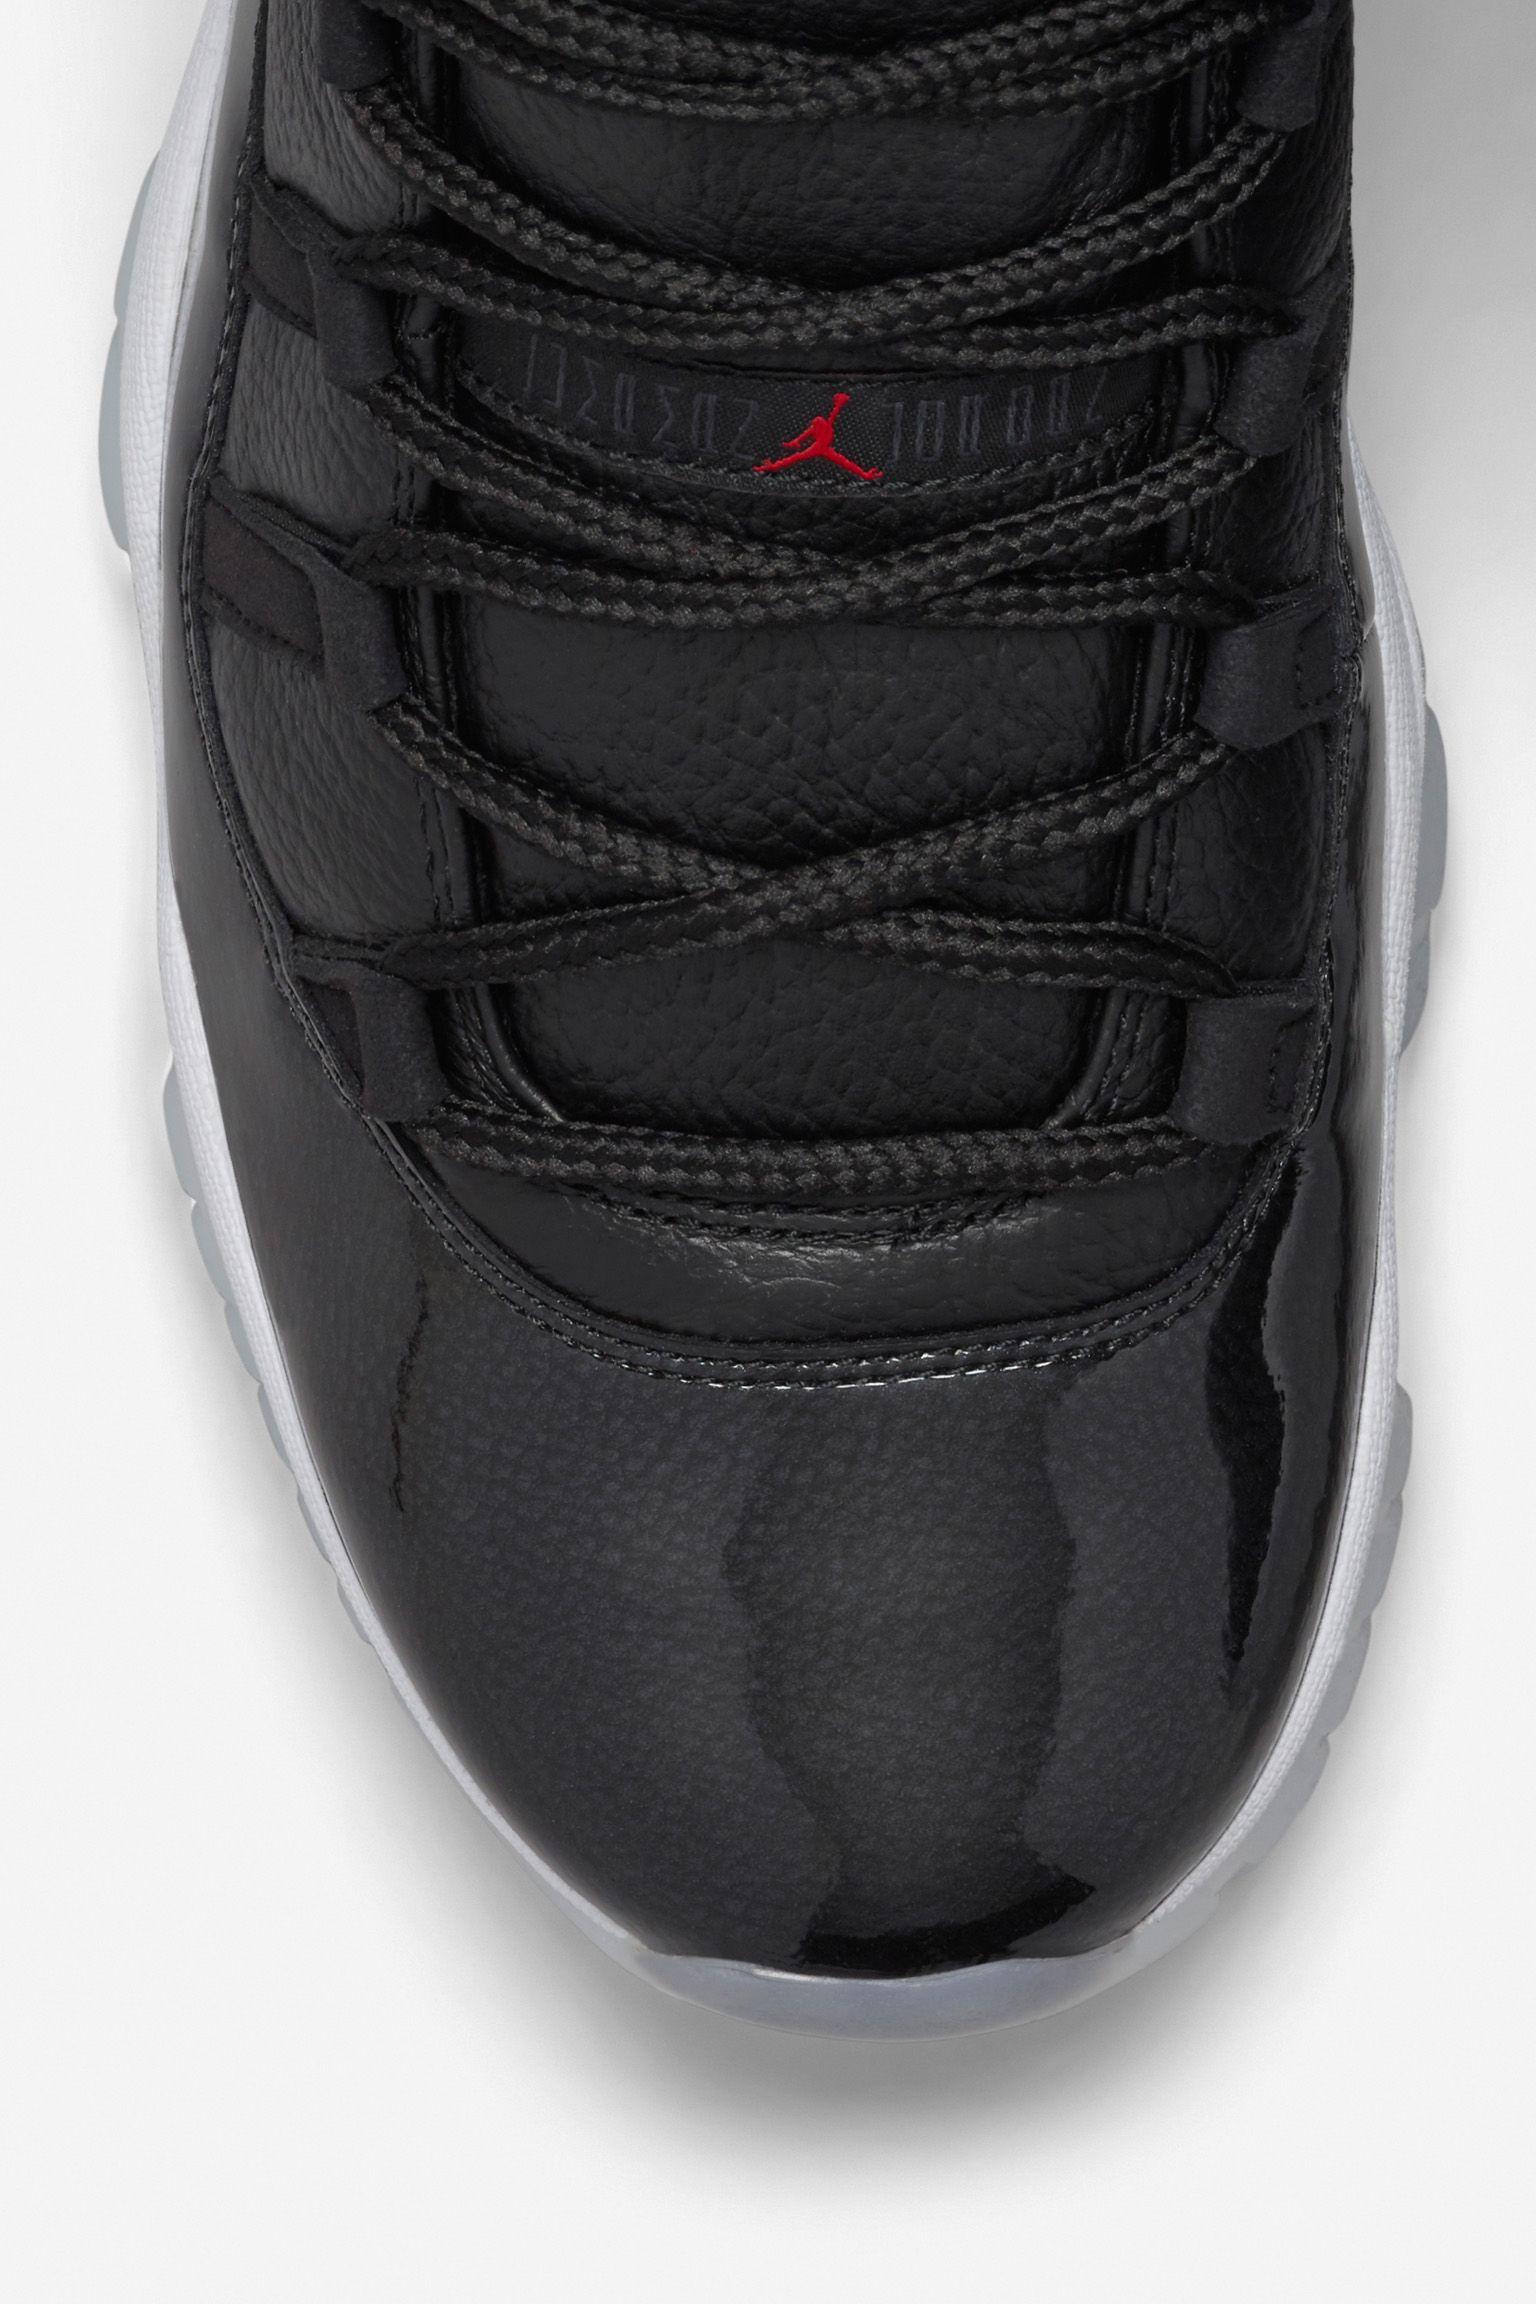 Air Jordan 11 Retro '72-10' Release Date